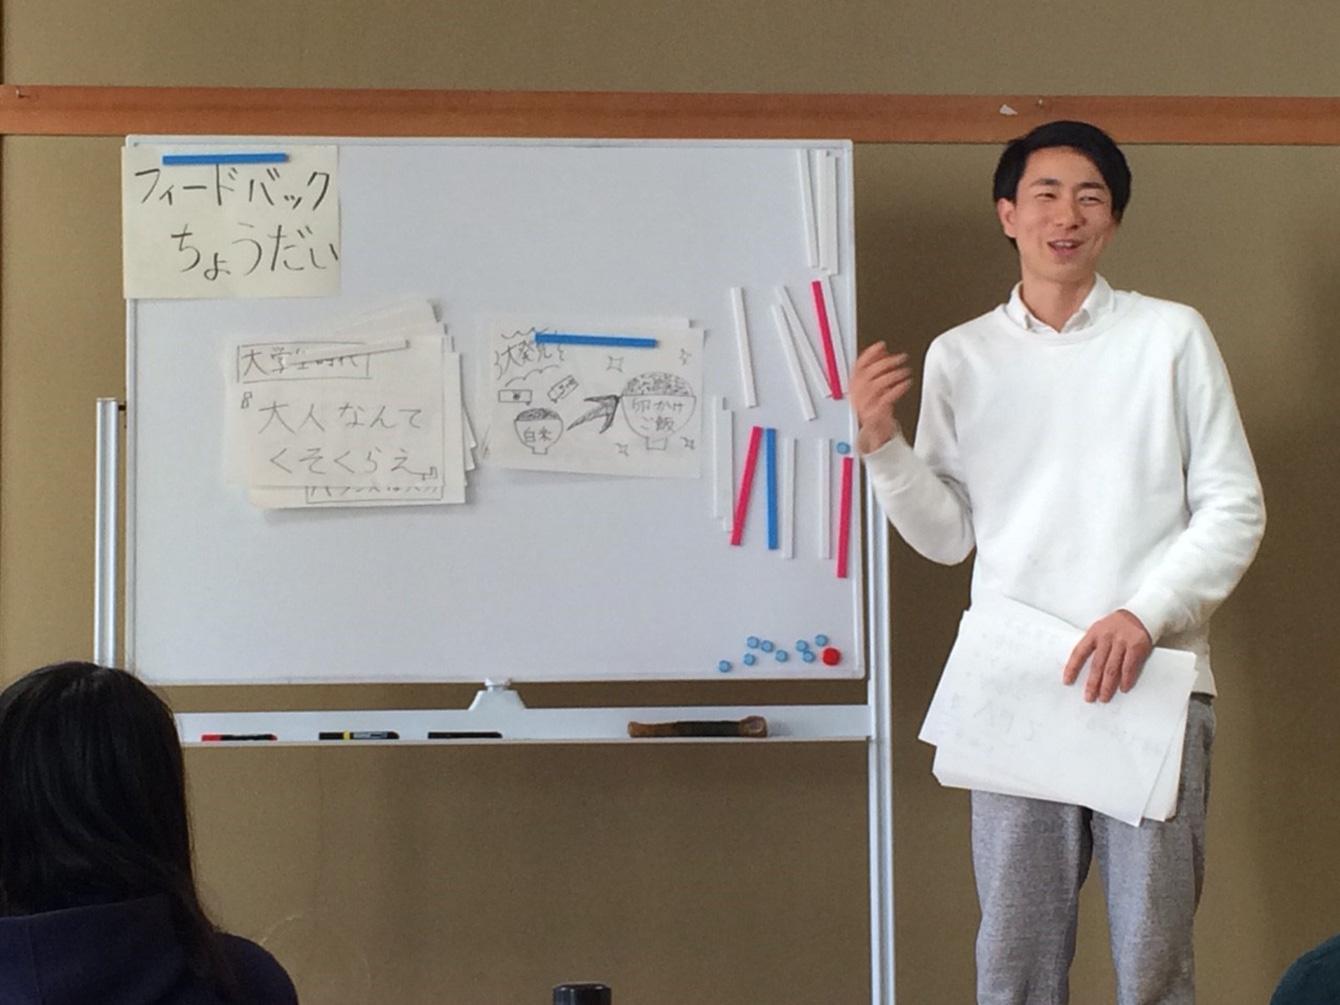 塾生の前でスモールプロジェクトを発表している様子。